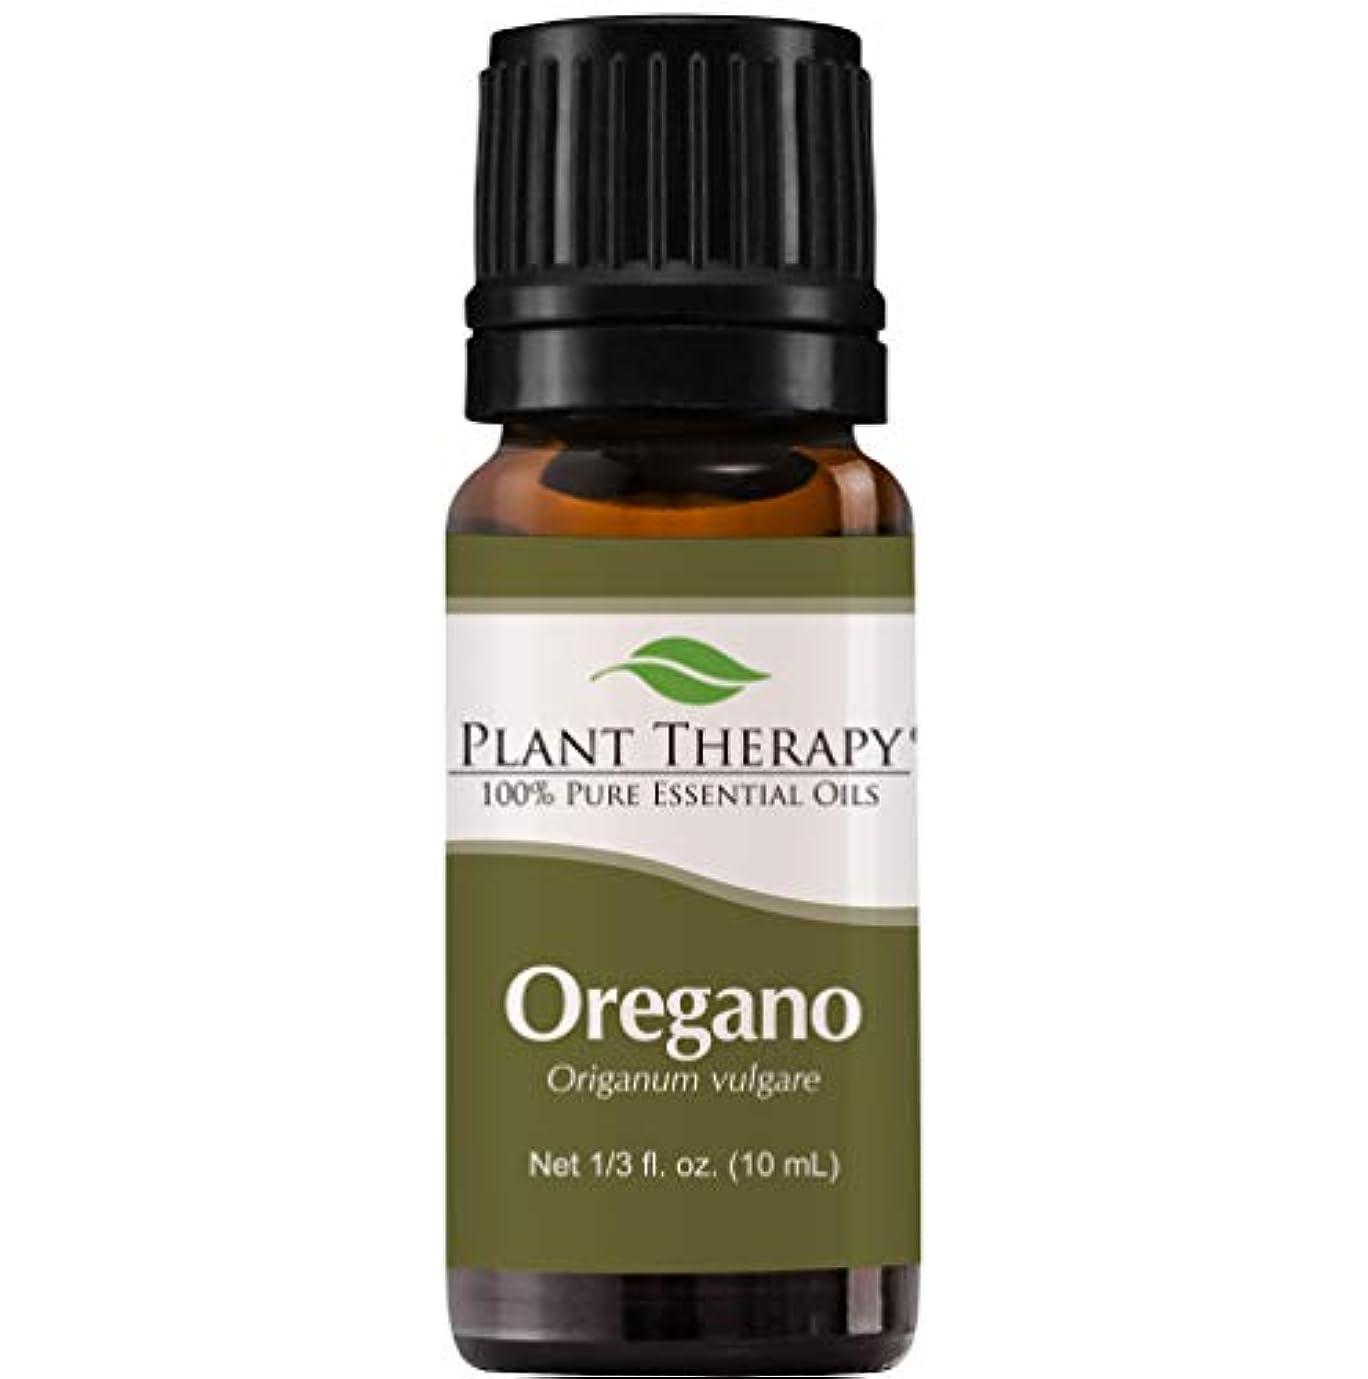 夜間配管に関してPlant Therapy Essential Oils (プラントセラピー エッセンシャルオイル) オレガノ (オリガヌム) エッセンシャルオイル